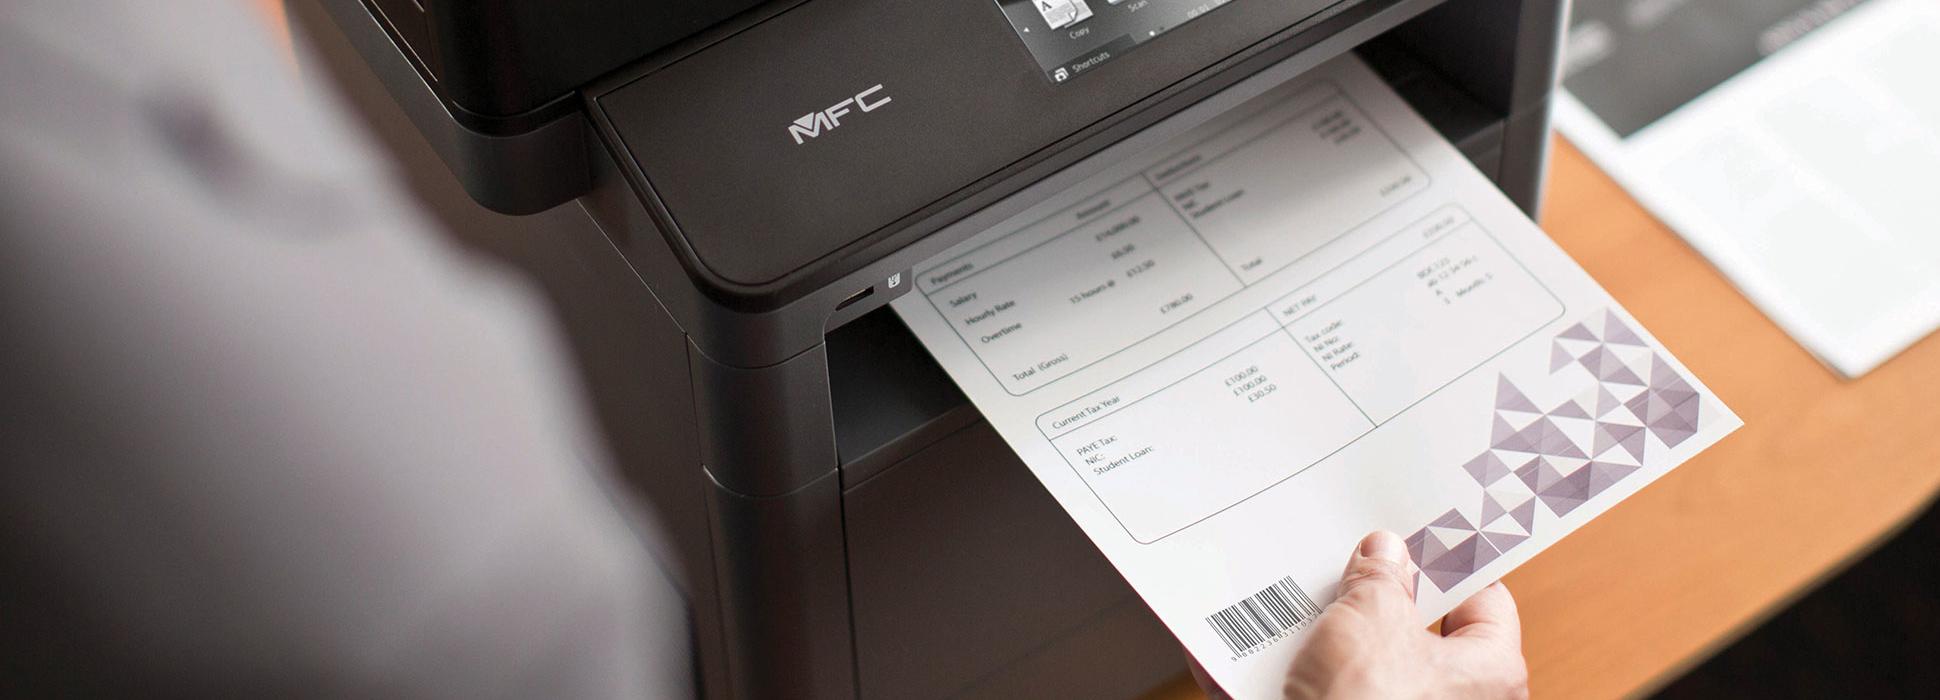 Stampante laser monocromatica Brother MFC-L5700DN stampa documento con codice a barre